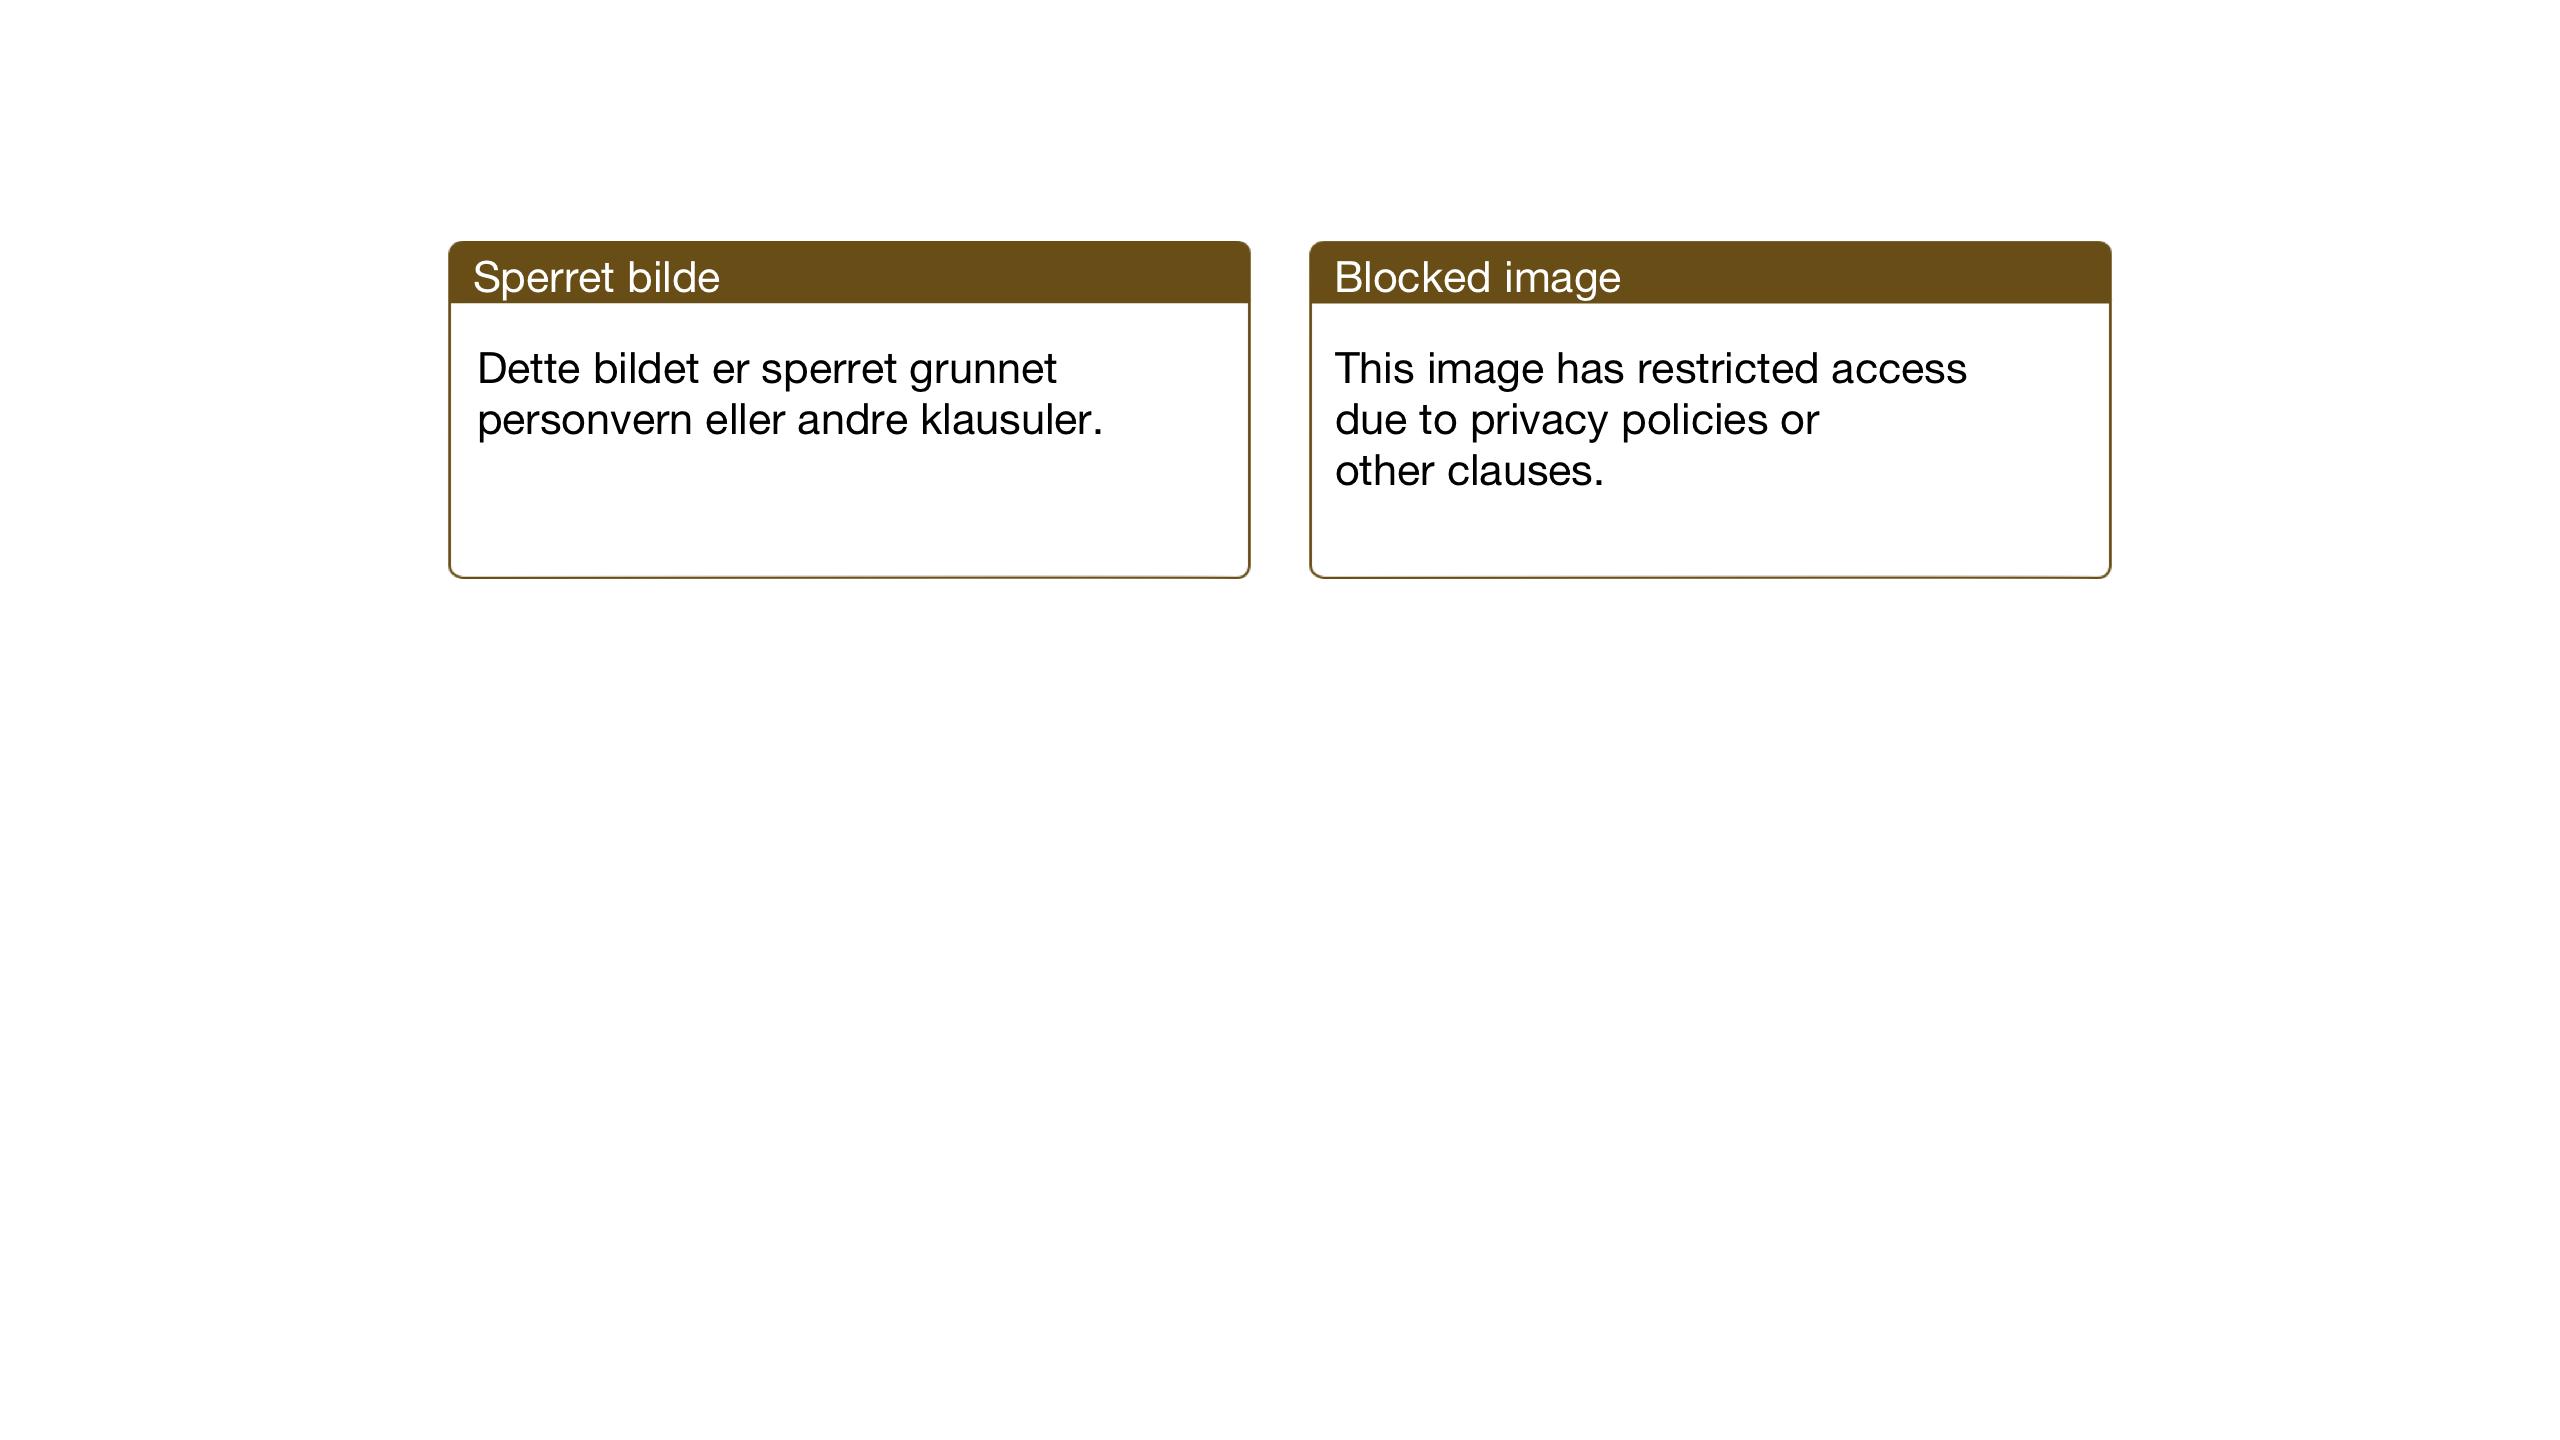 SAT, Ministerialprotokoller, klokkerbøker og fødselsregistre - Sør-Trøndelag, 667/L0799: Klokkerbok nr. 667C04, 1929-1950, s. 79